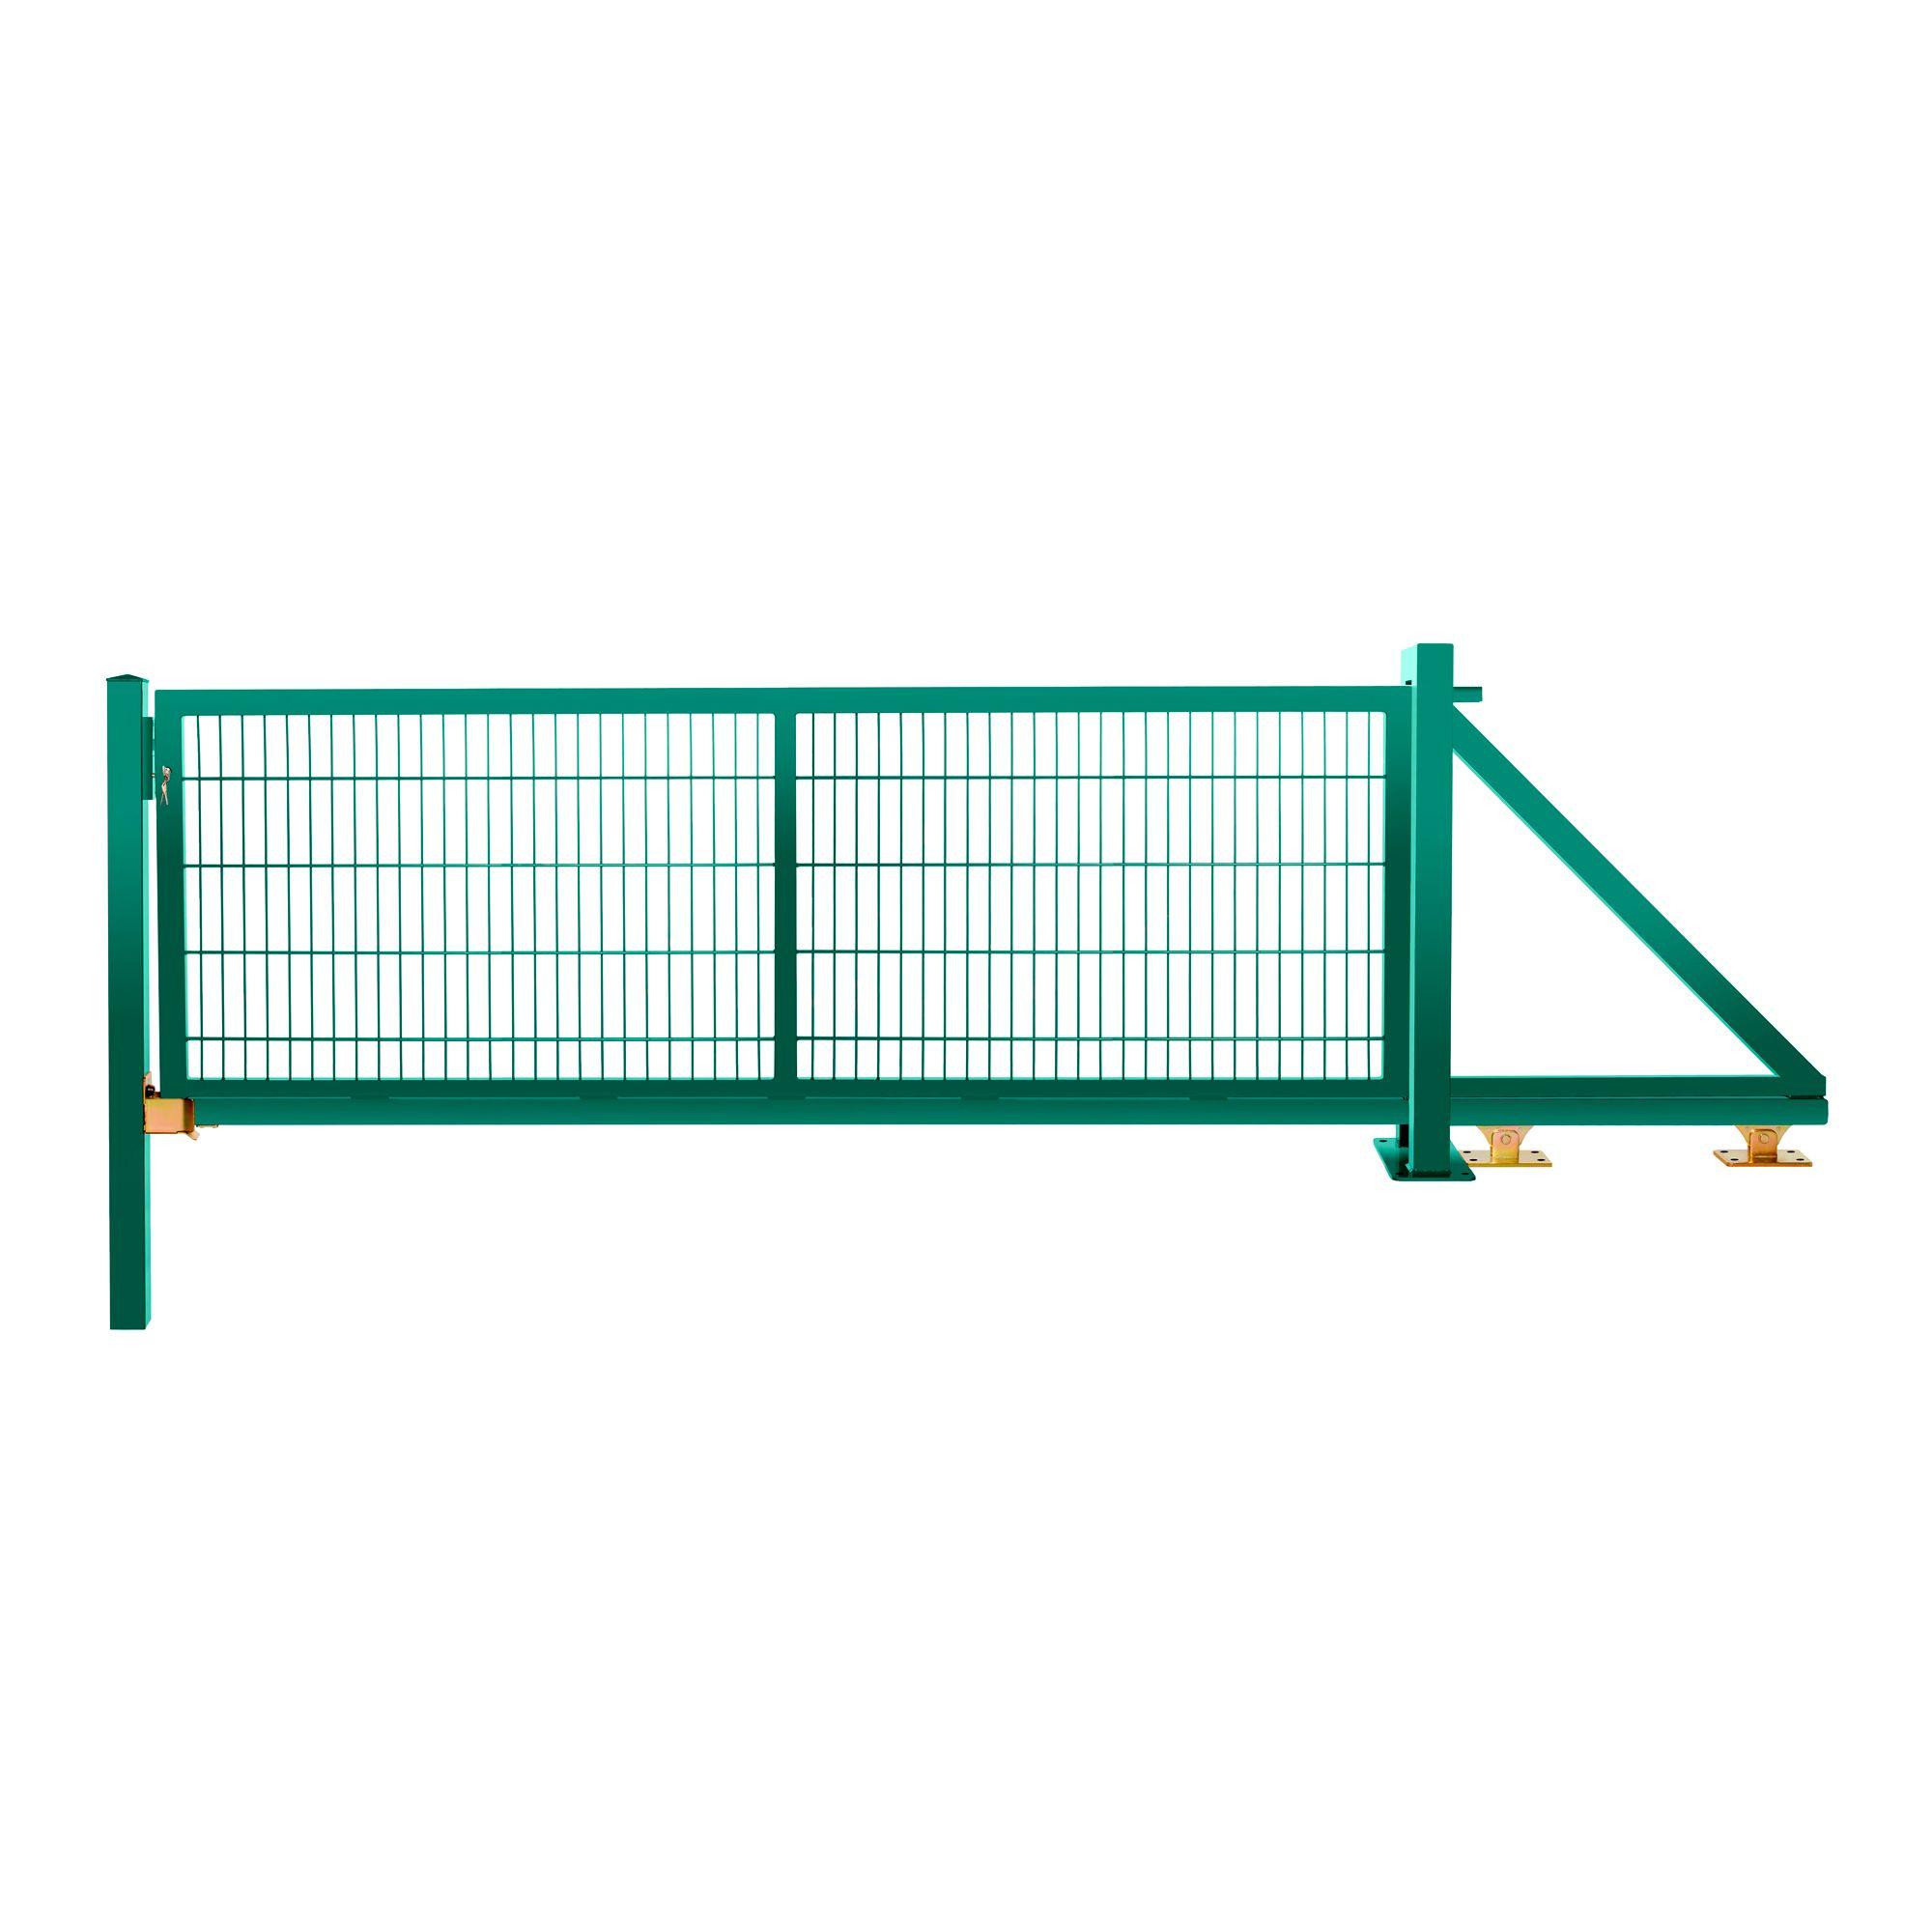 Schiebetor freitragend 1,03 m 3,00 m breit RAL 6005 moosgrün